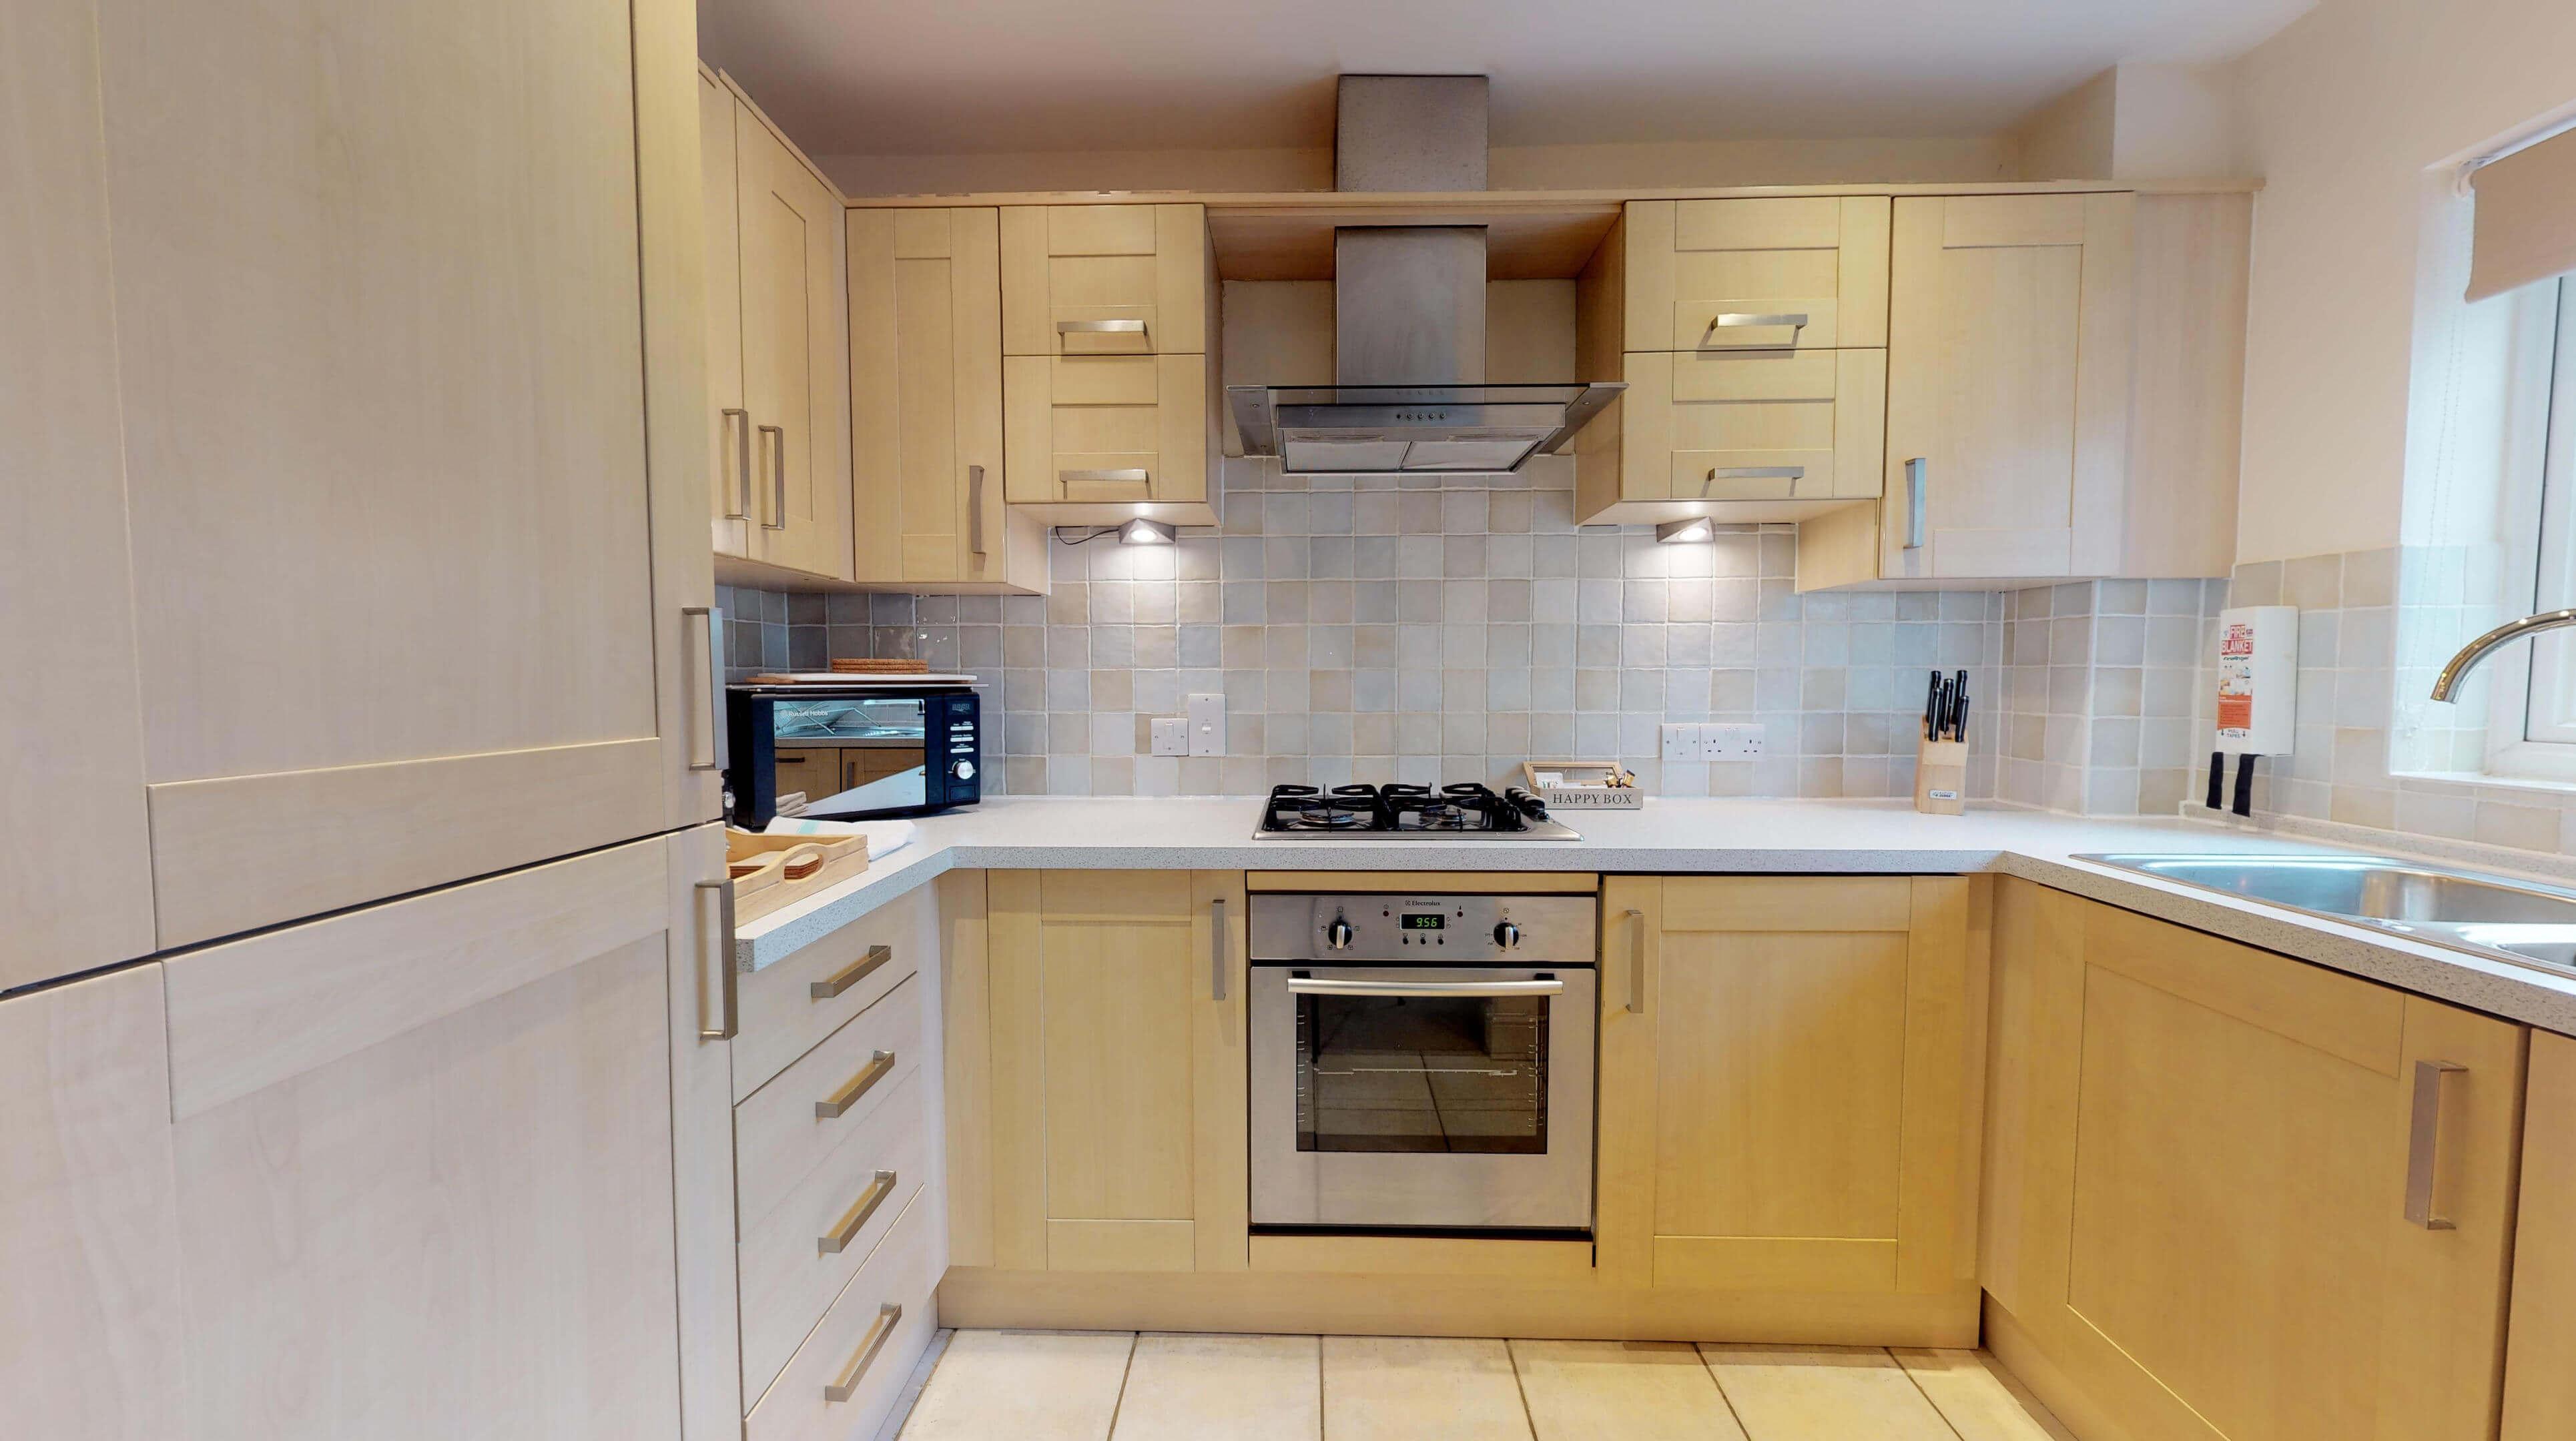 Oxford Serviced Apartments Hensington Suite Kitchen